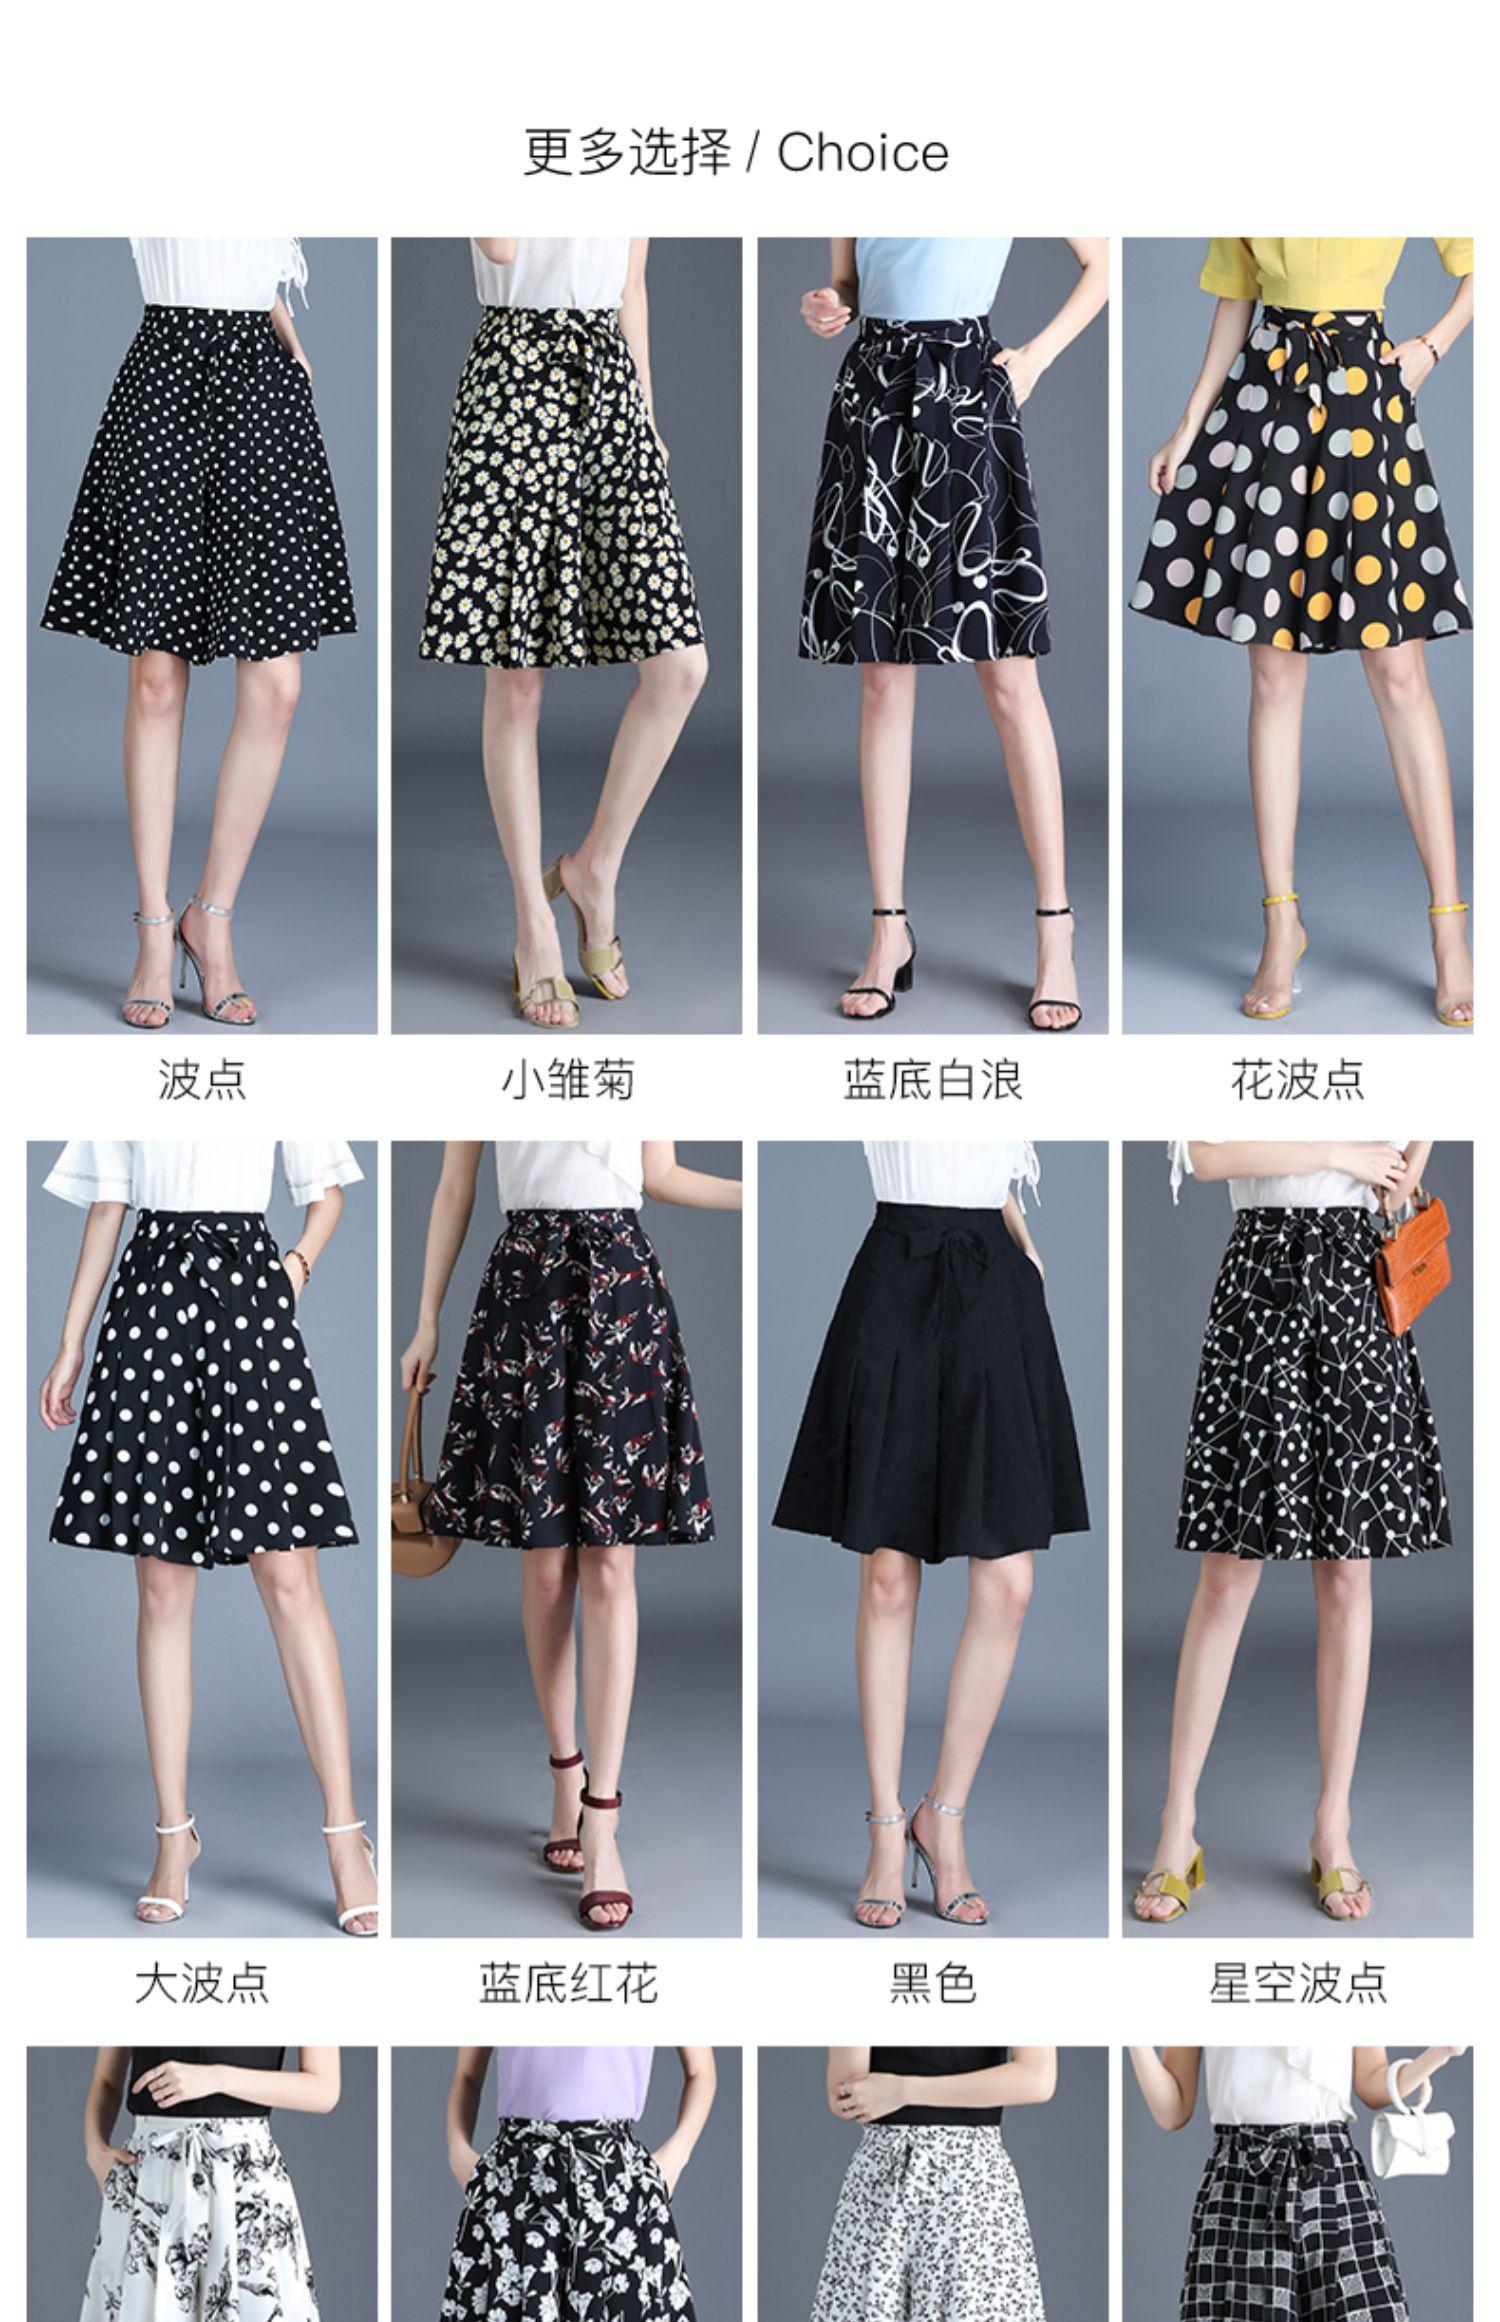 雪纺裙裤女夏季2020新款高腰显瘦a字短裙裤垂感冰丝五分阔腿裤子商品详情图